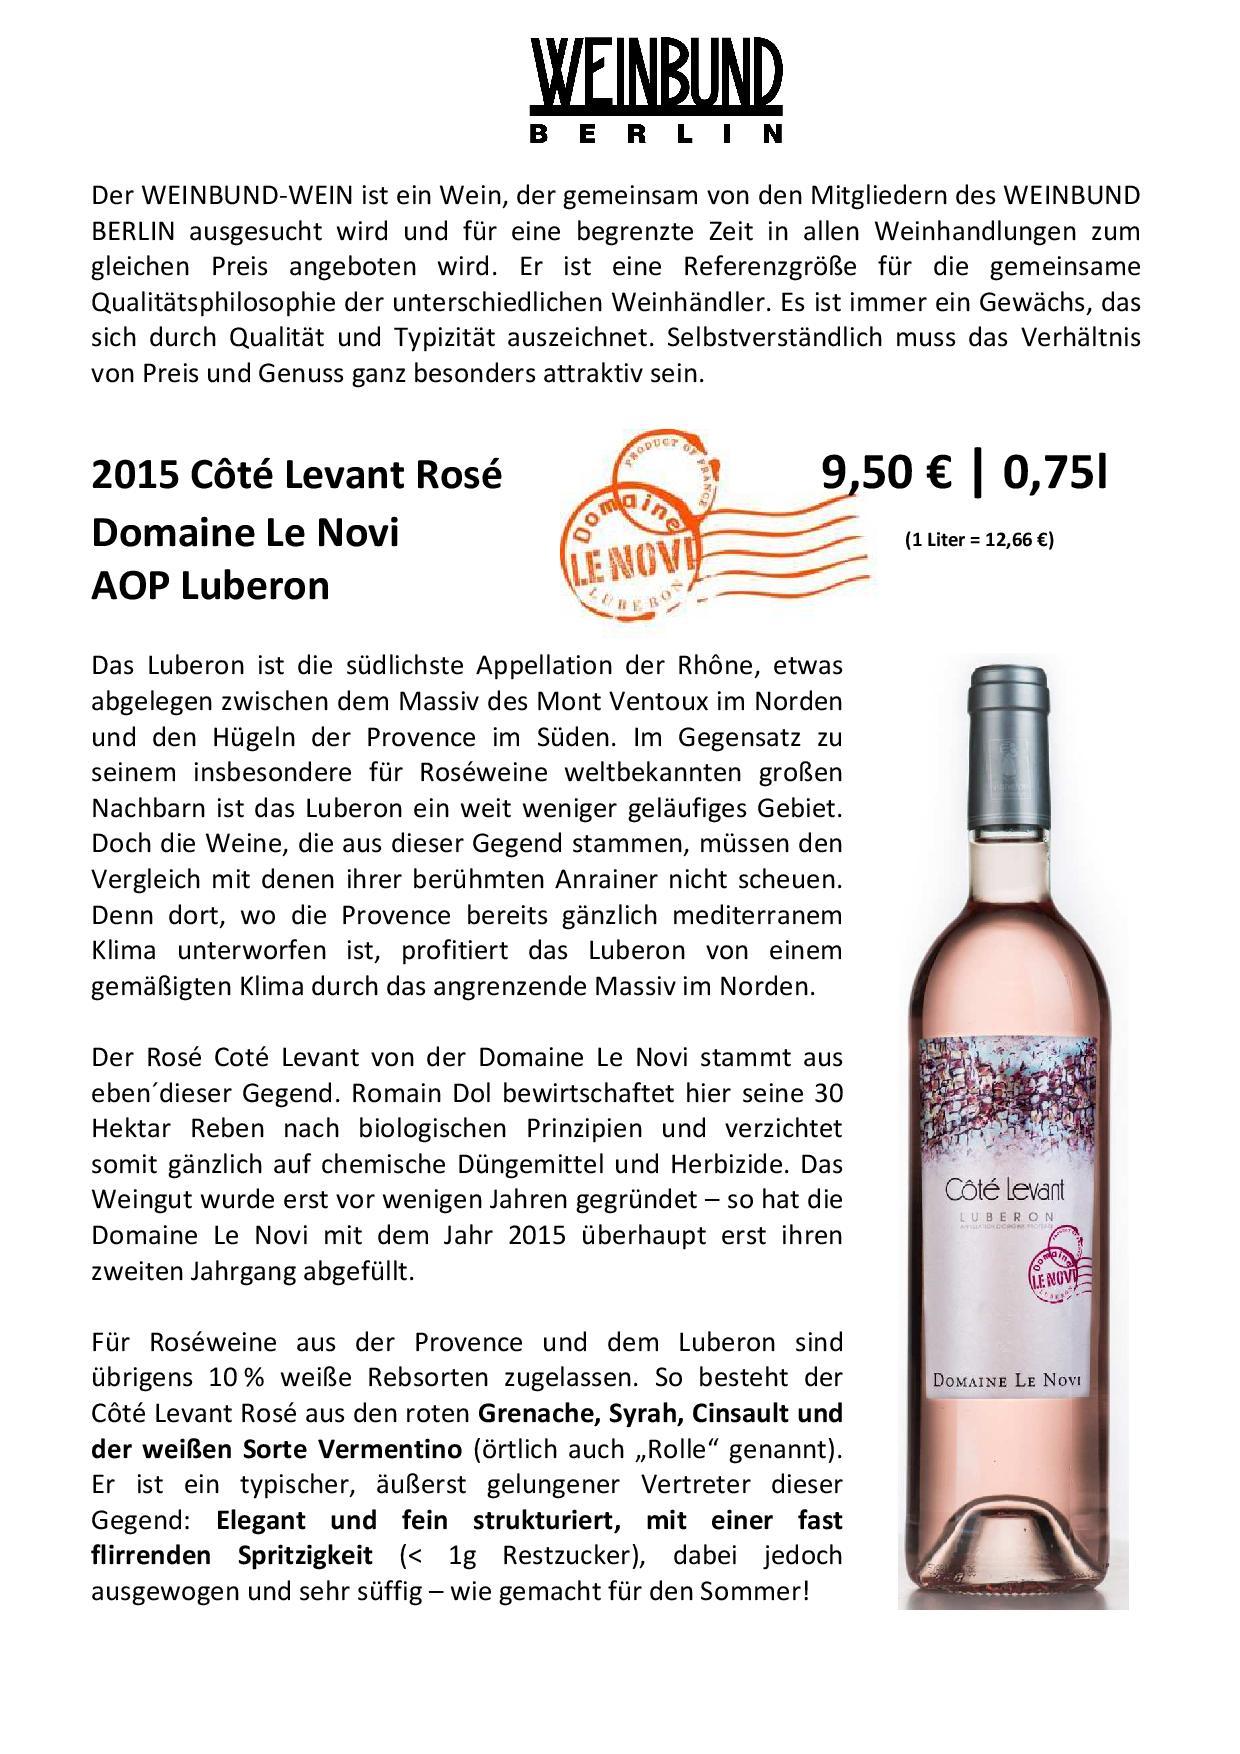 Weinbund Wein 2016_Cote Levant rosé (3)-page-001